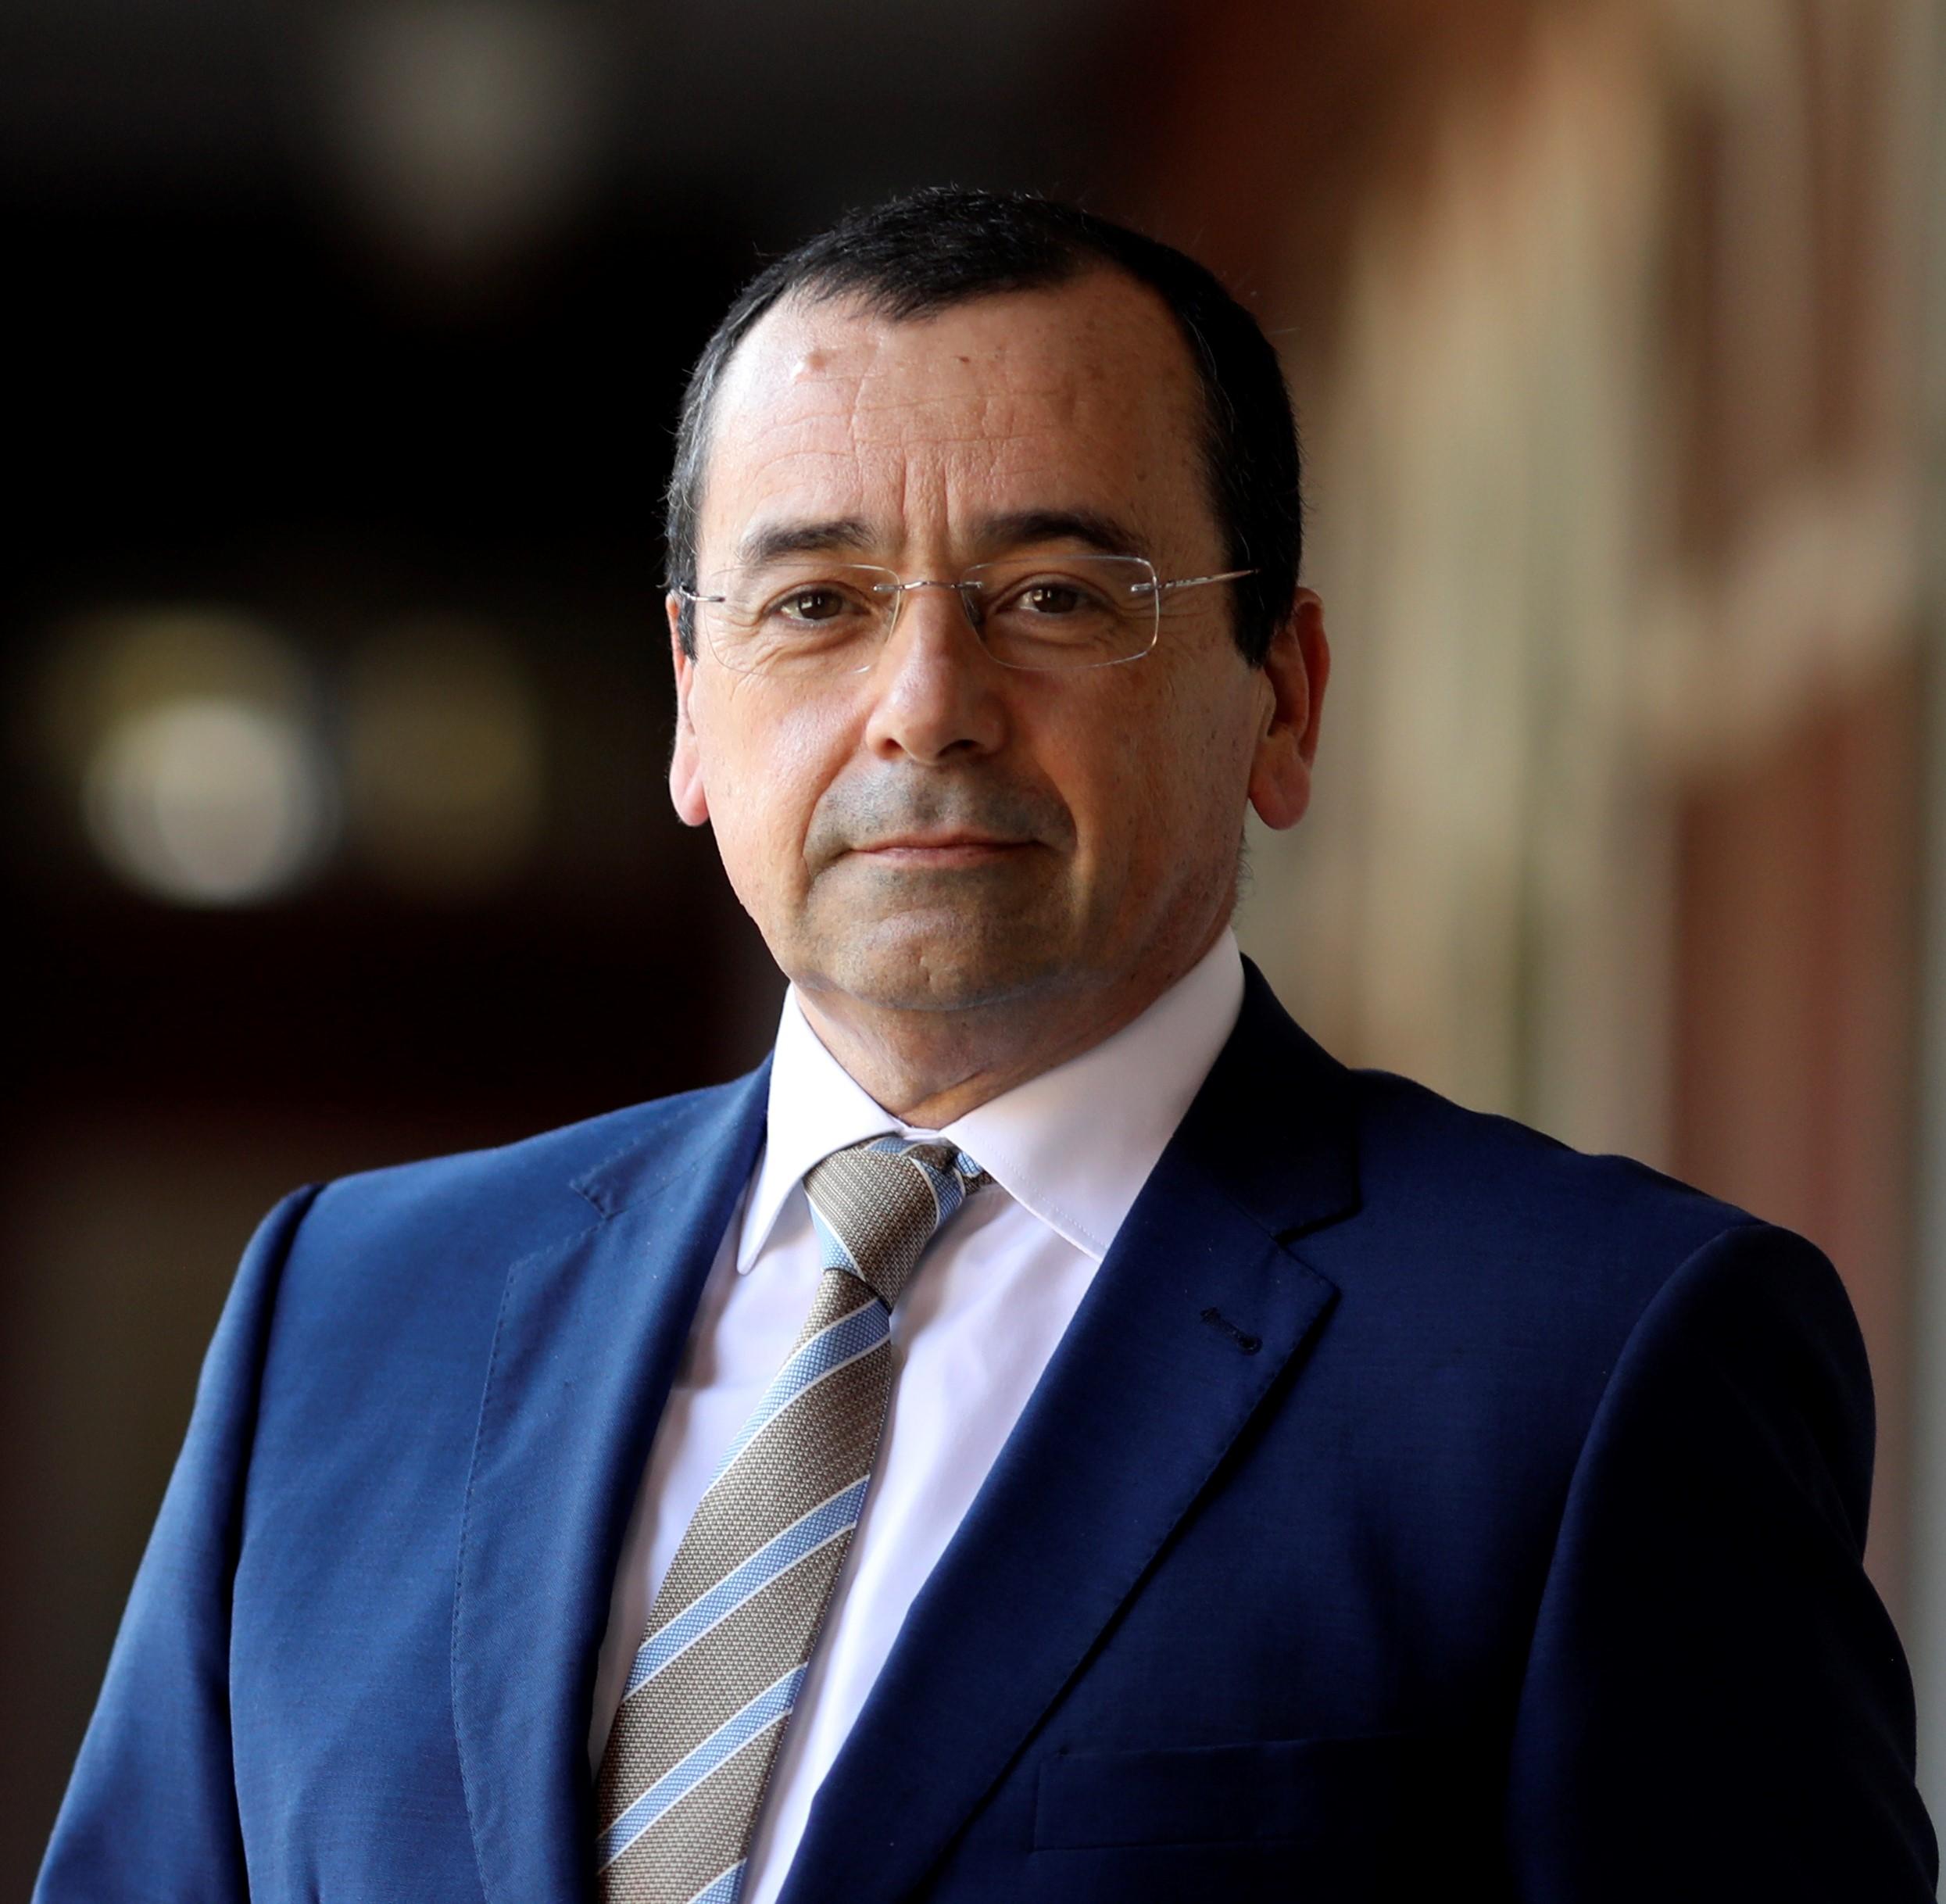 António Gameiro Marques